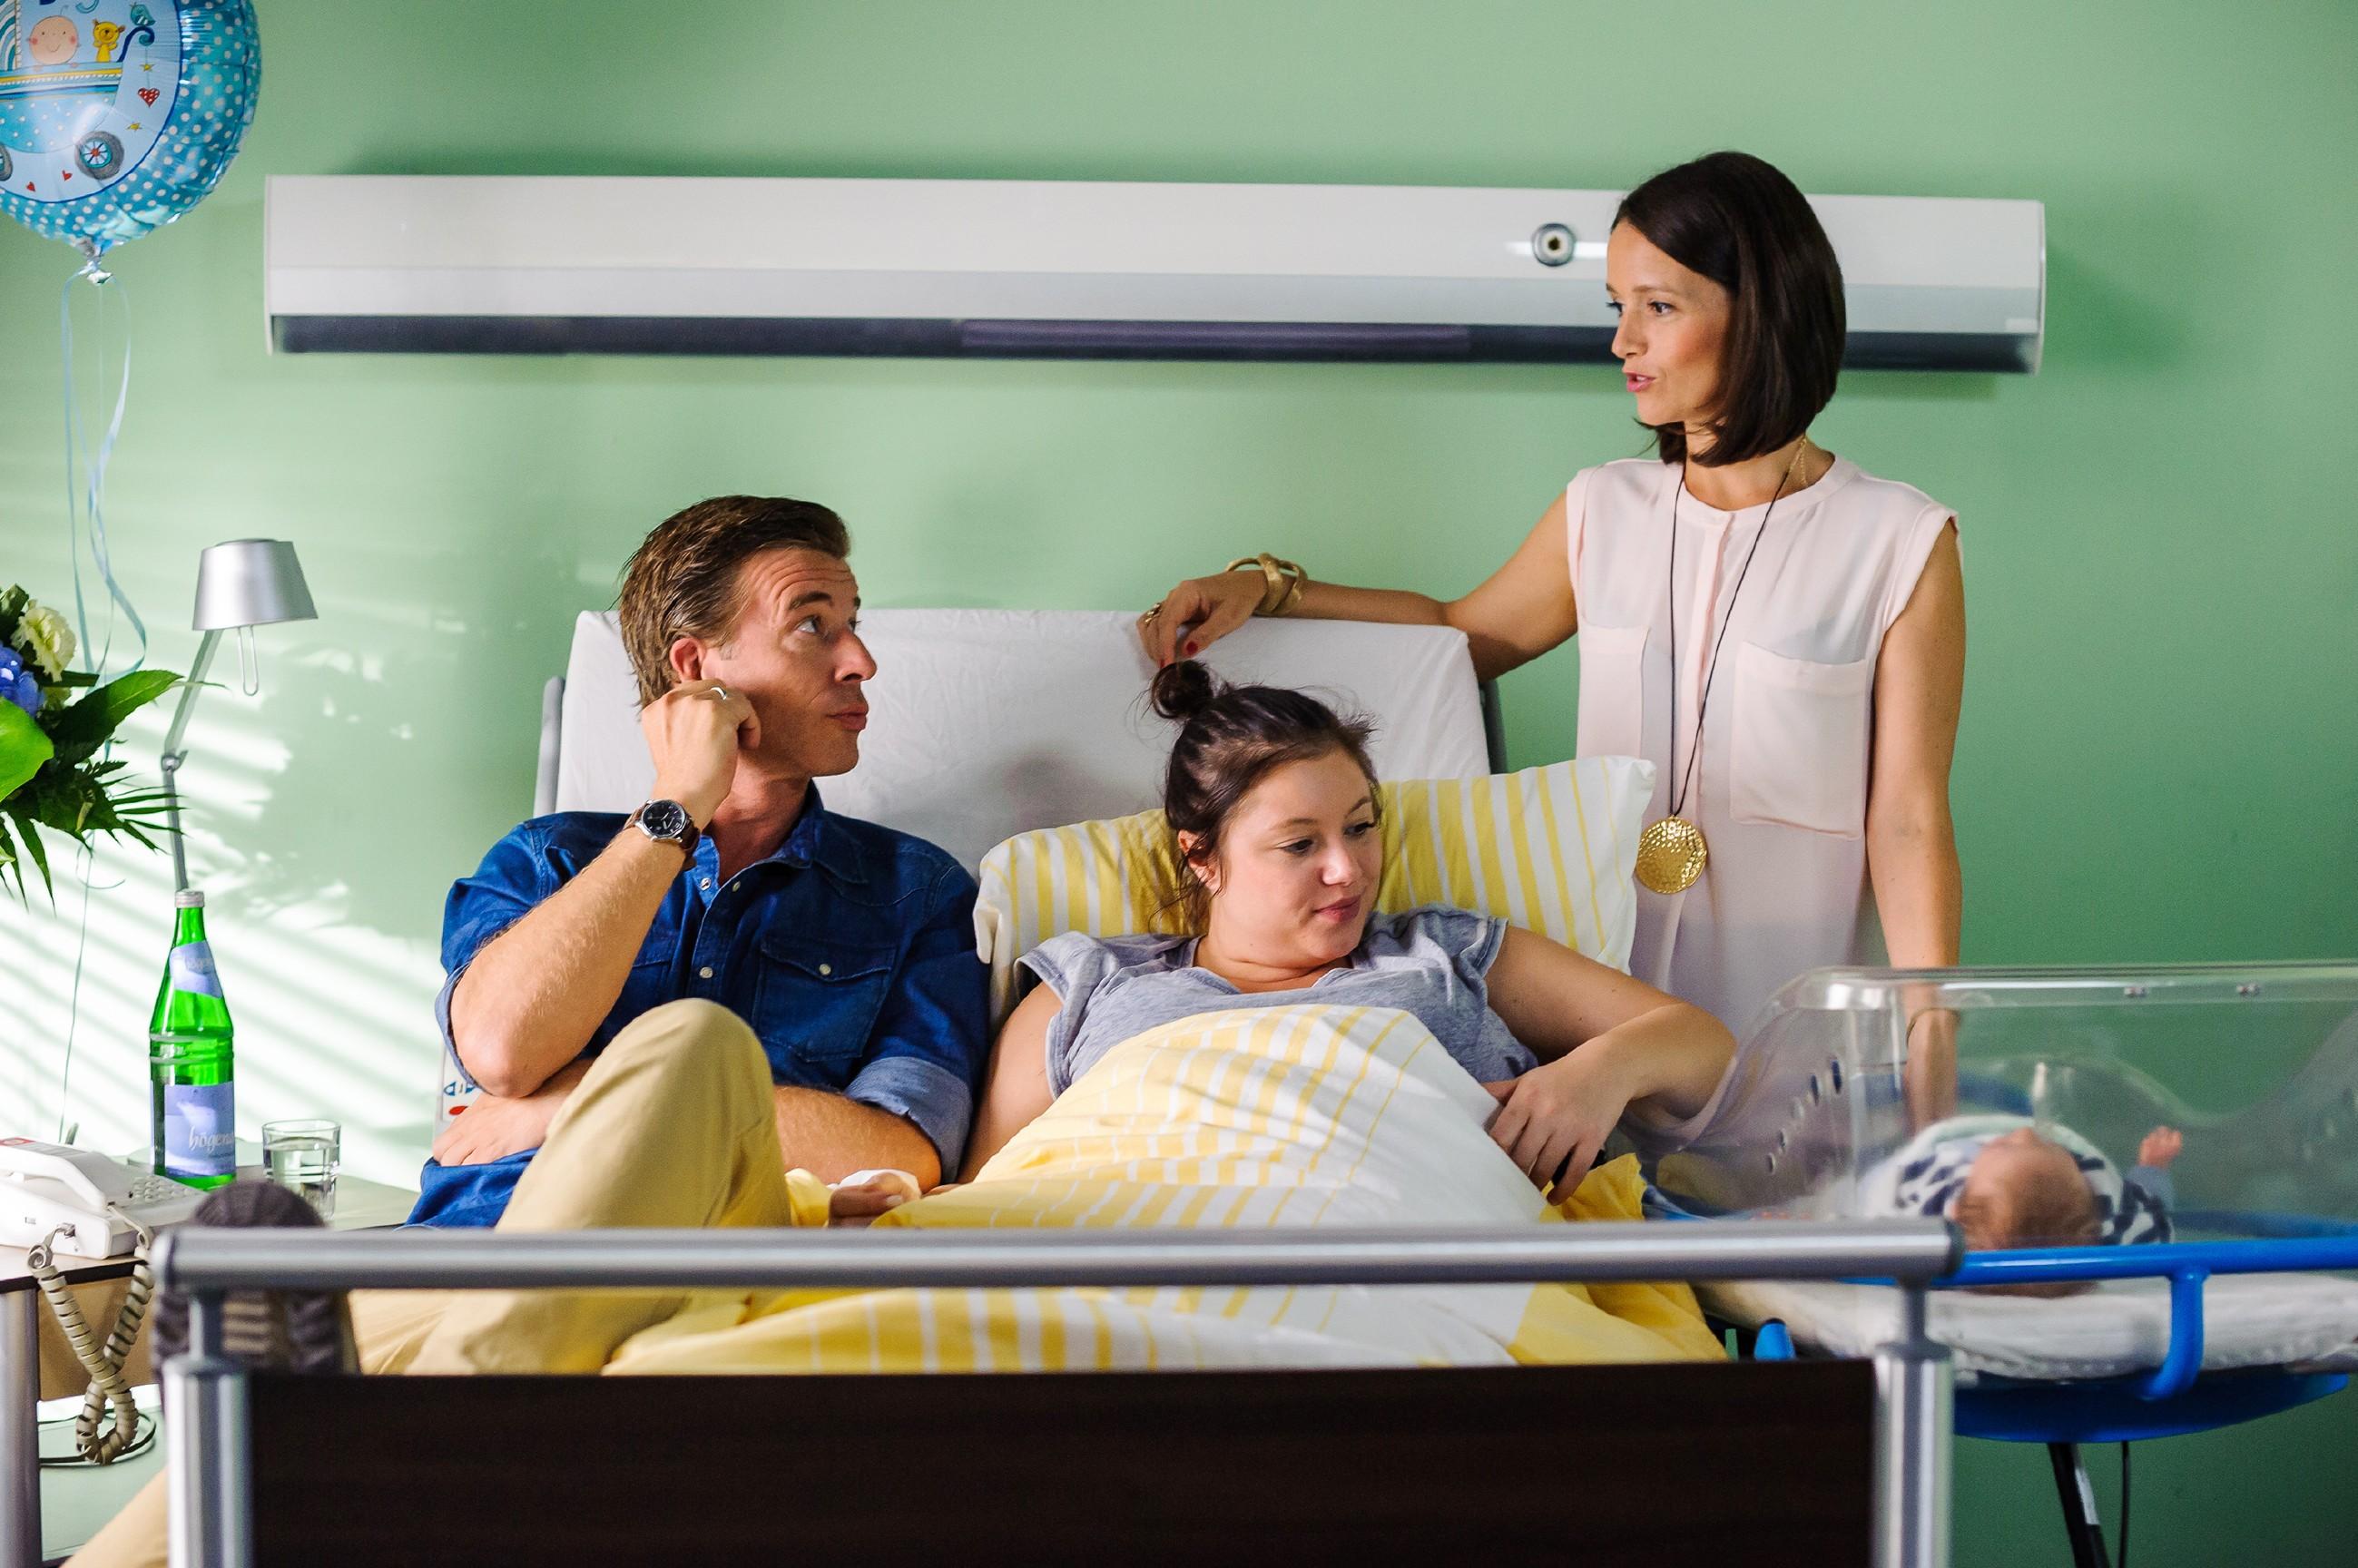 Jenny (Kaja Schmidt-Tychsen, r.) besucht die frischgebackene Eltern Vanessa (Julia Augustin) und Christoph (Lars Korten) im Krankenhaus und erfährt von Christoph, dass Marie und Diana zurück in den Kader kommen... (Quelle: RTL / Julia Feldhagen)